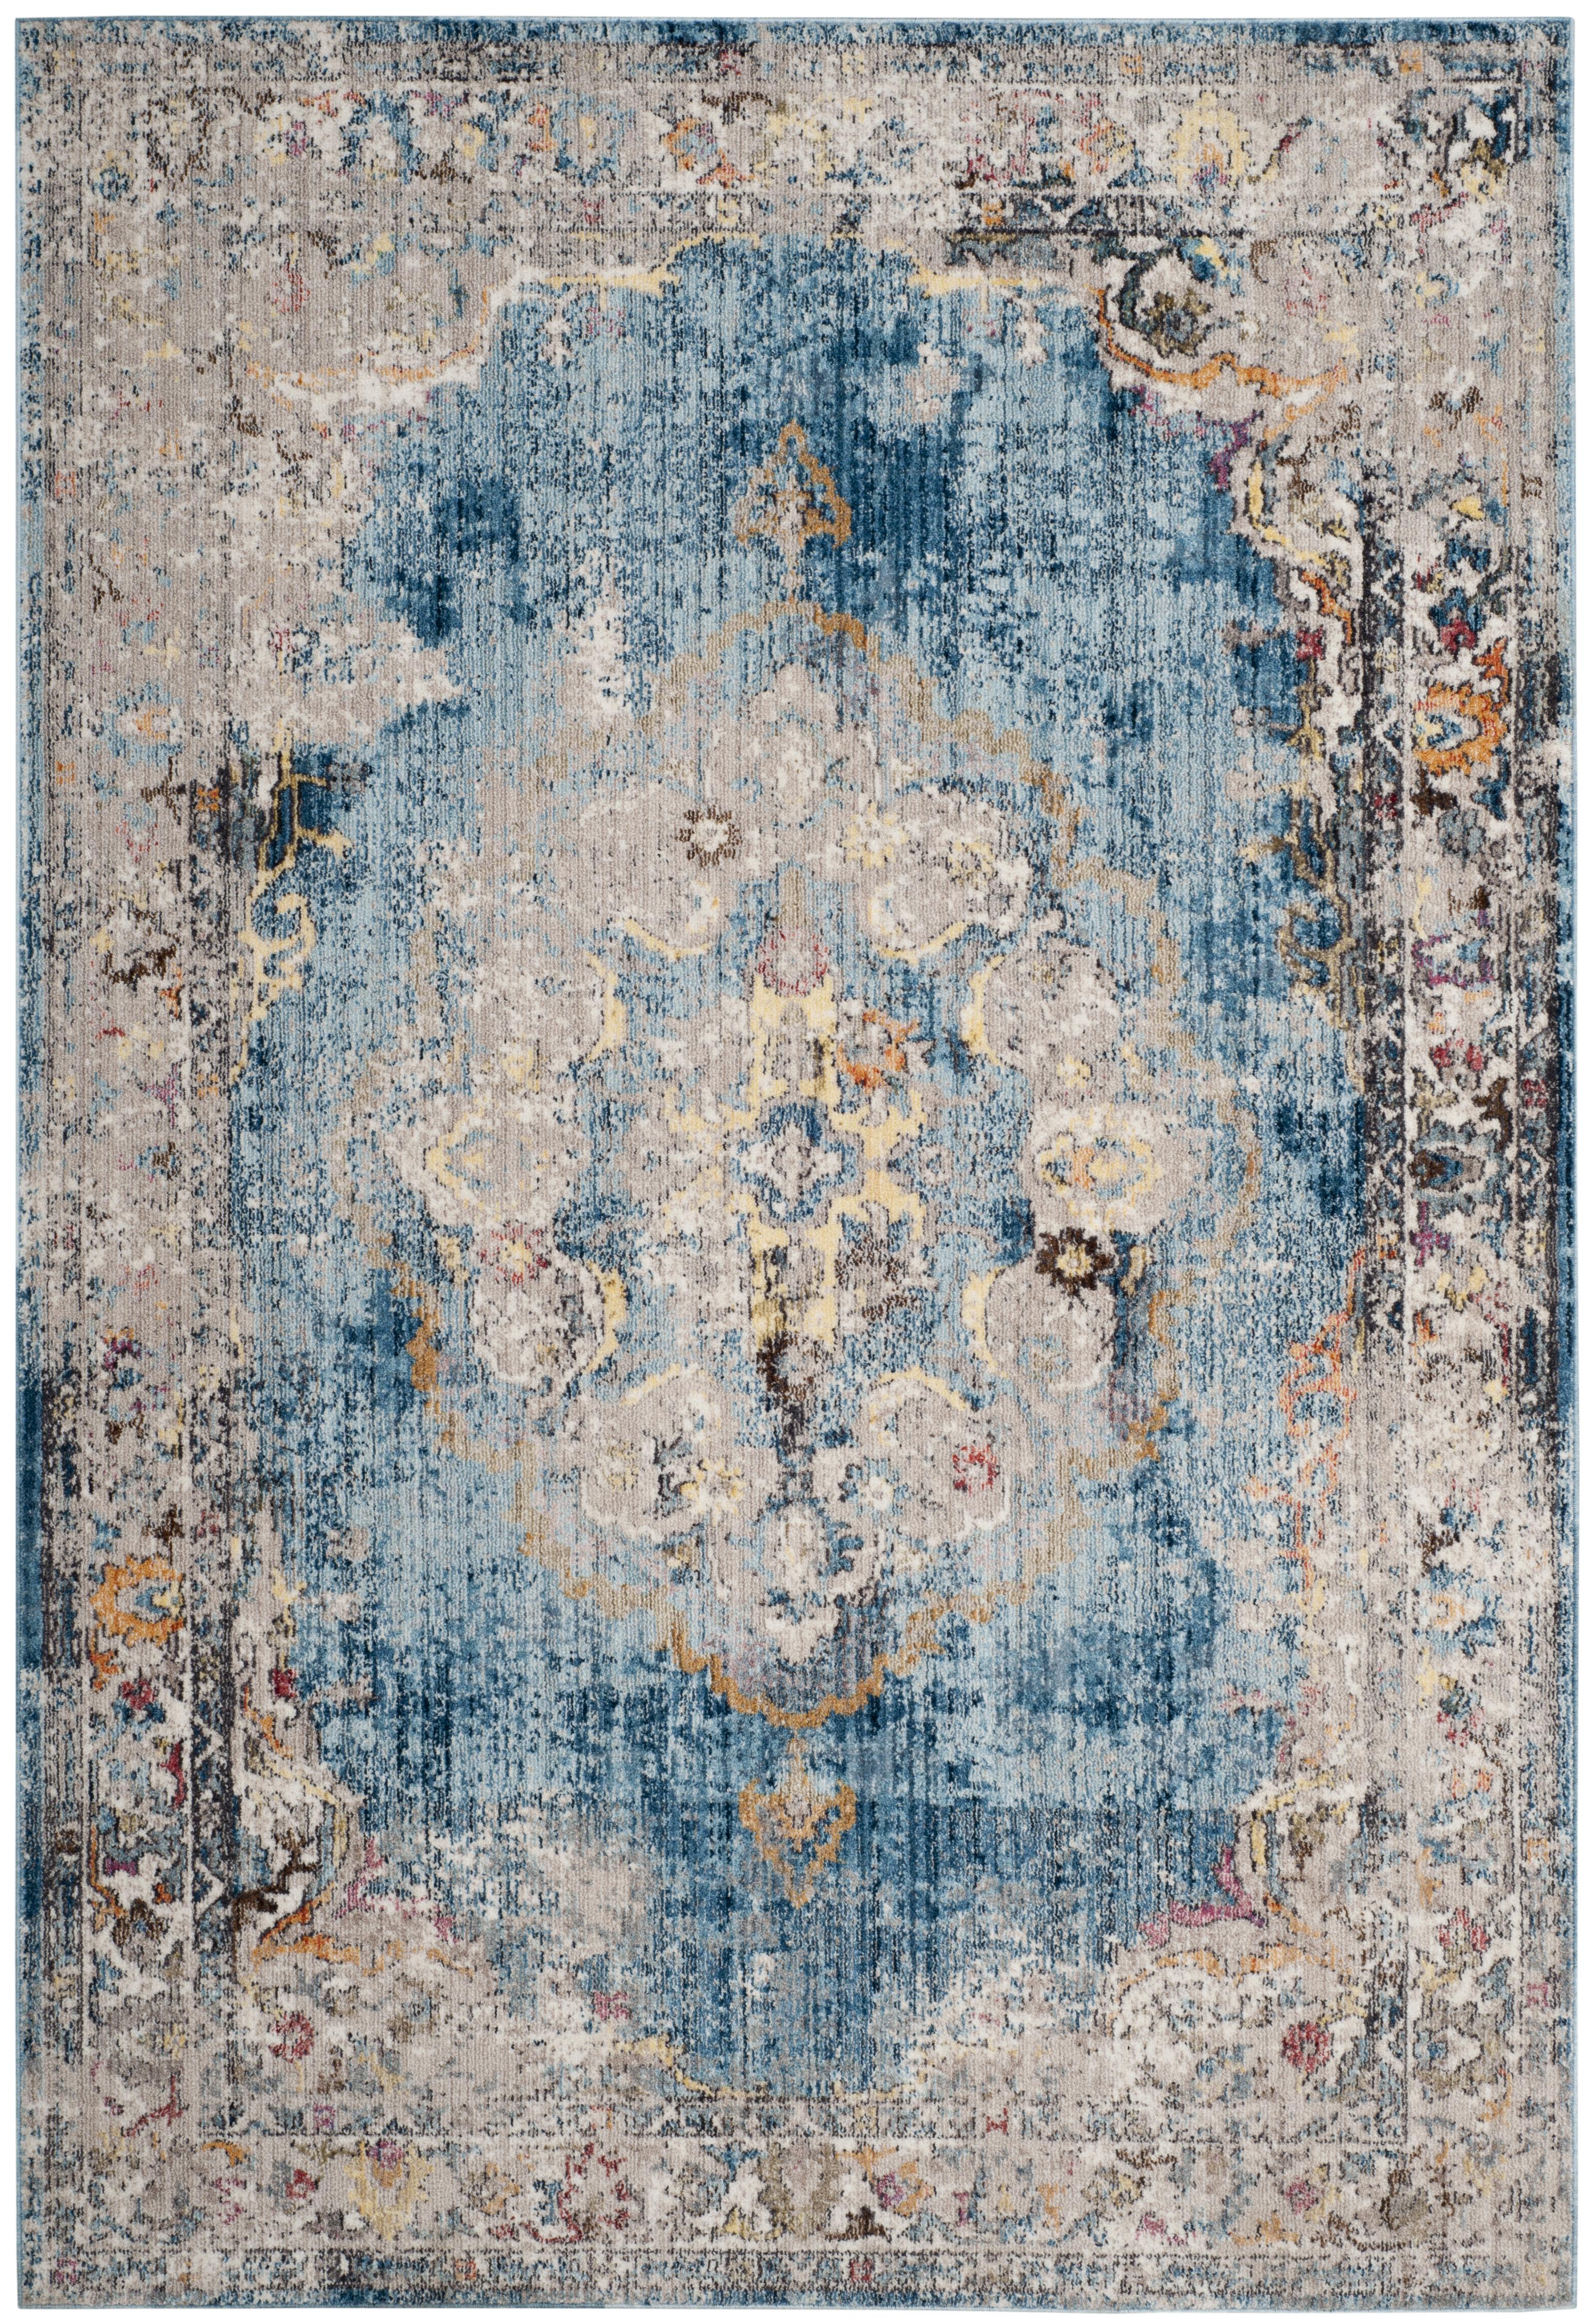 Tapis de salon d'inspiration vintage bleu et gris clair 200x300